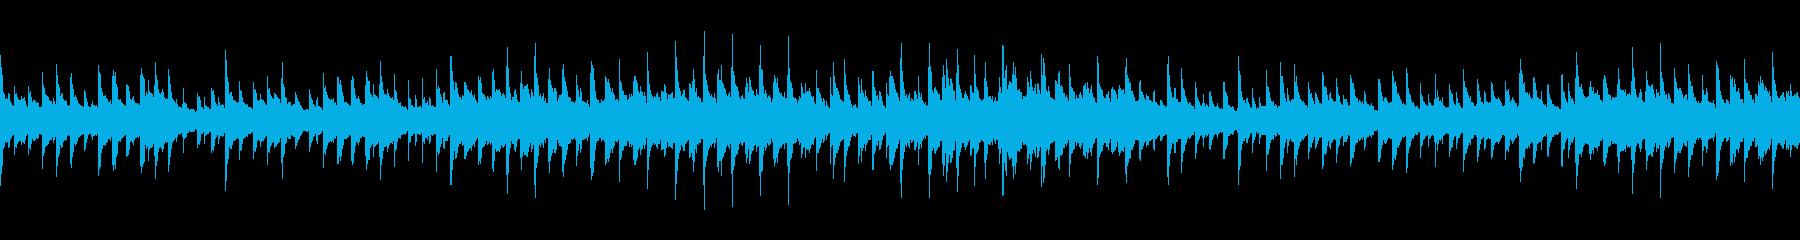 ほんわかポップバラード (ループ仕様)の再生済みの波形